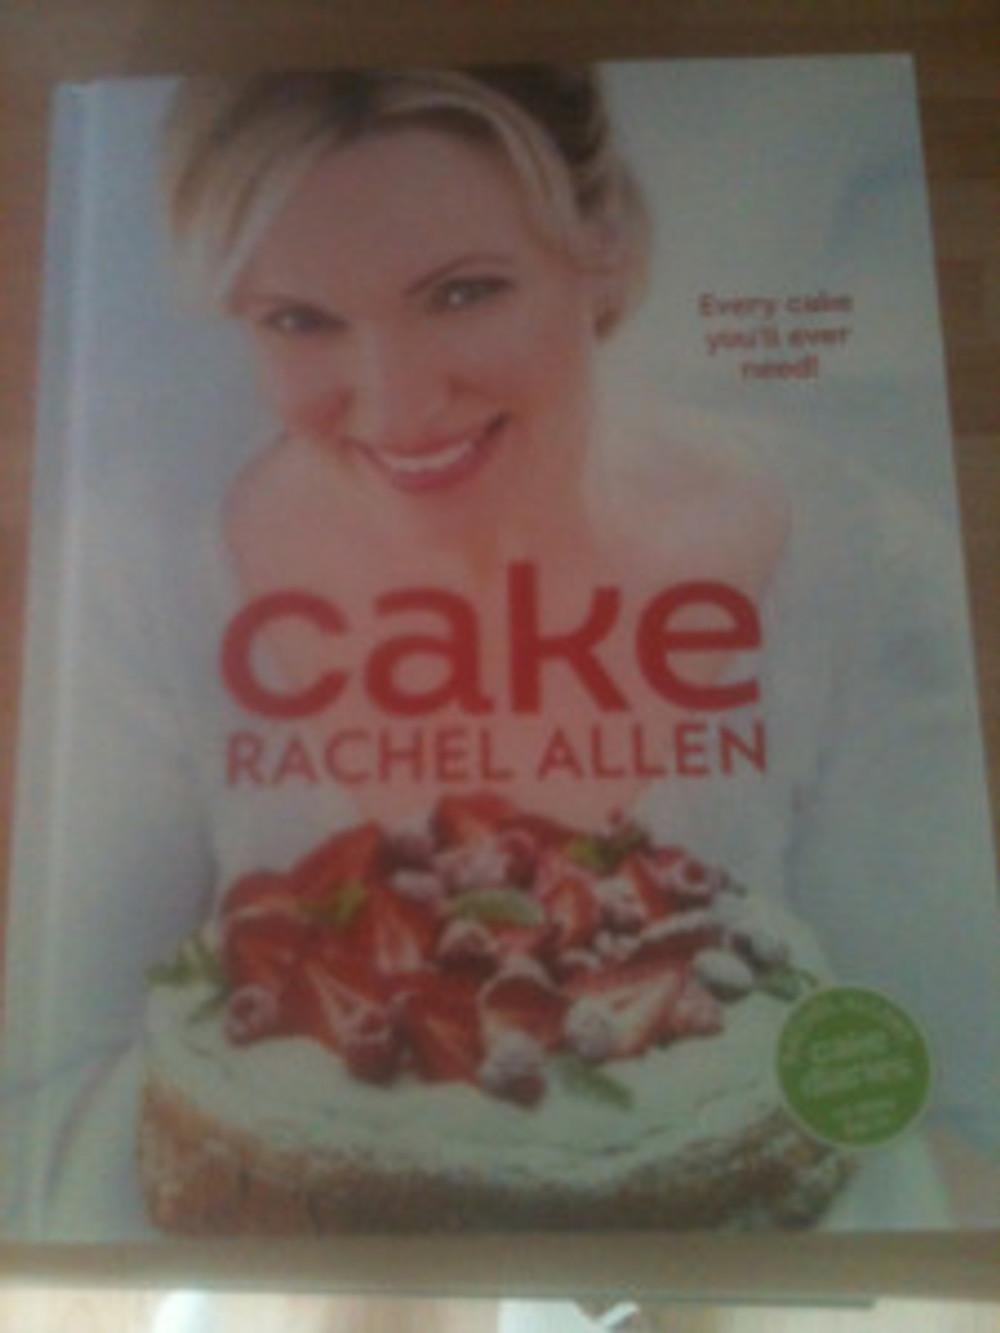 The fabulous Cake recipe book by Rachel Allen.